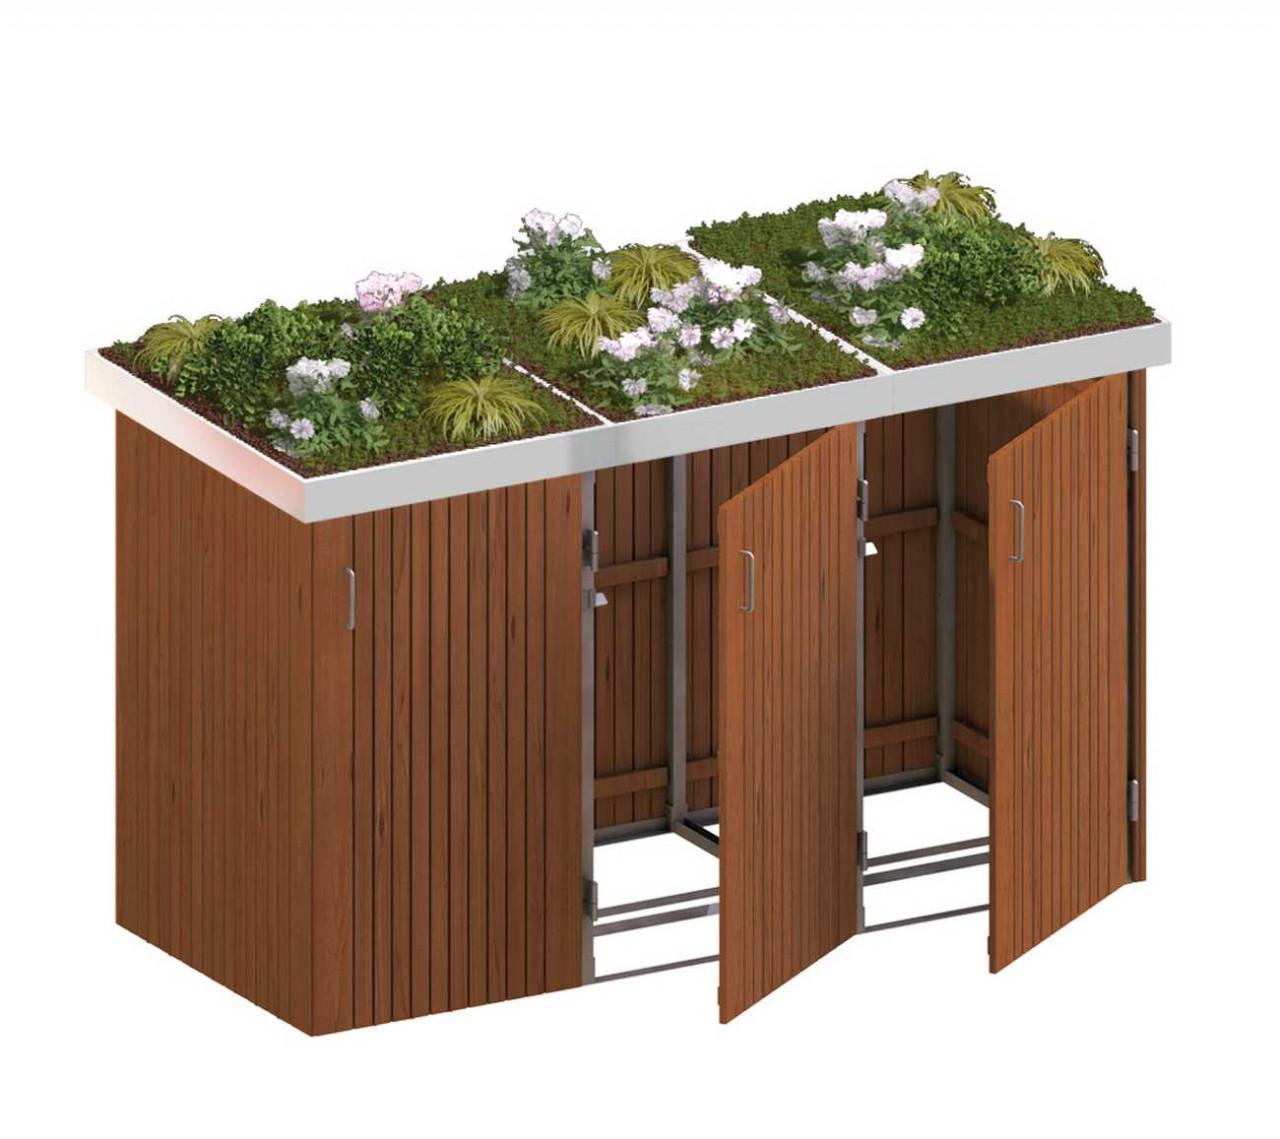 Binto Mülltonnenbox mit Hartholz-Verkleidung und Edelstahl-Pflanzschalen